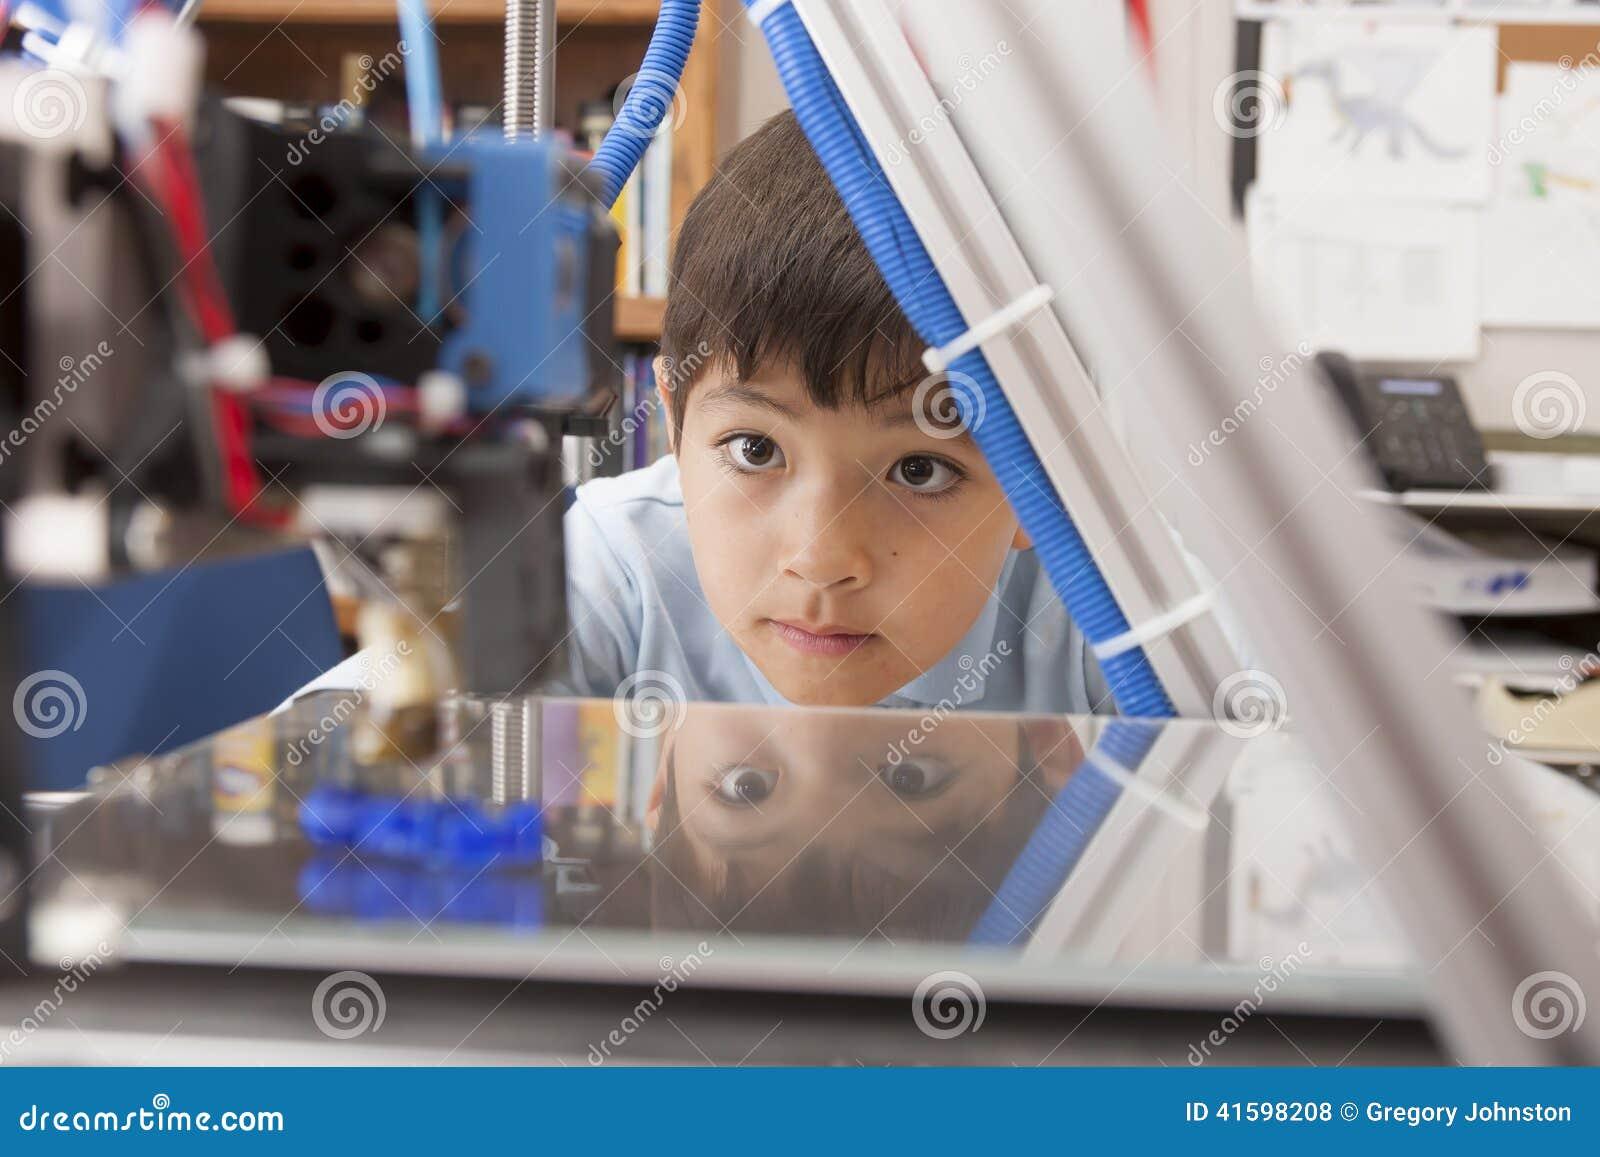 Le garçon observe la machine attentivement